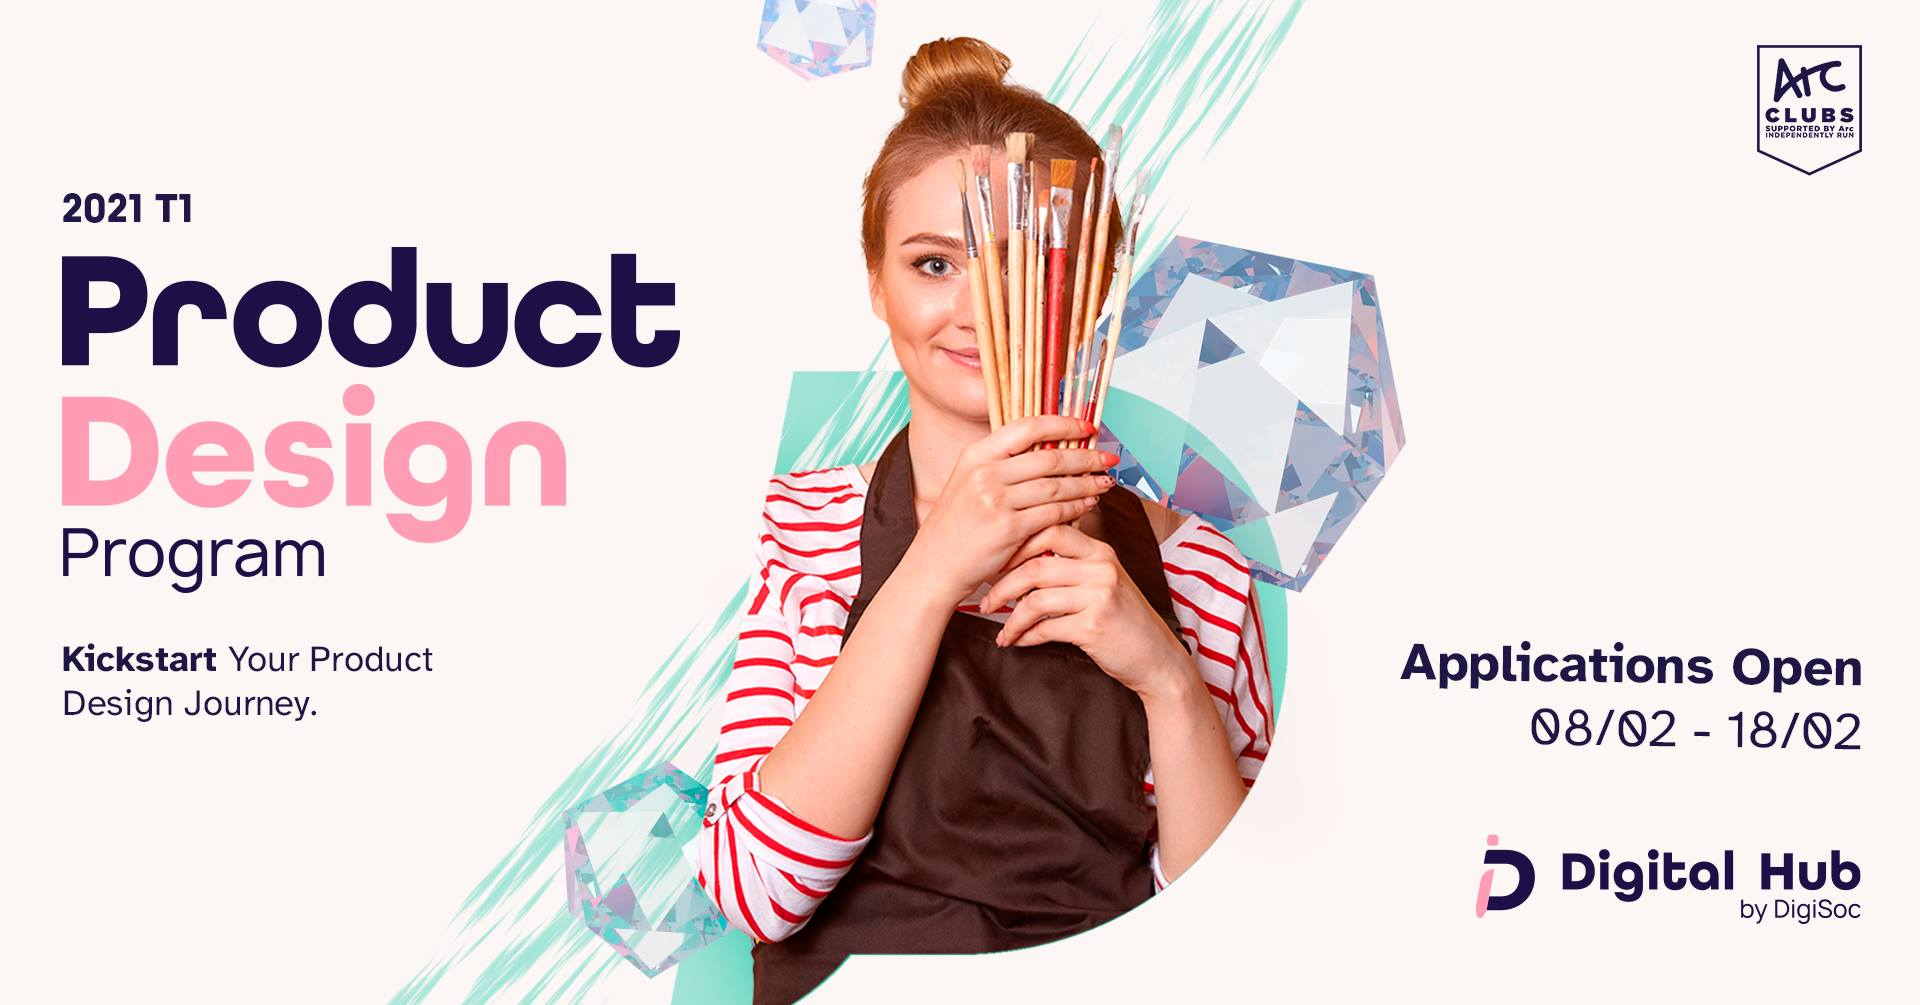 Product Design Program Recruitment 21T1